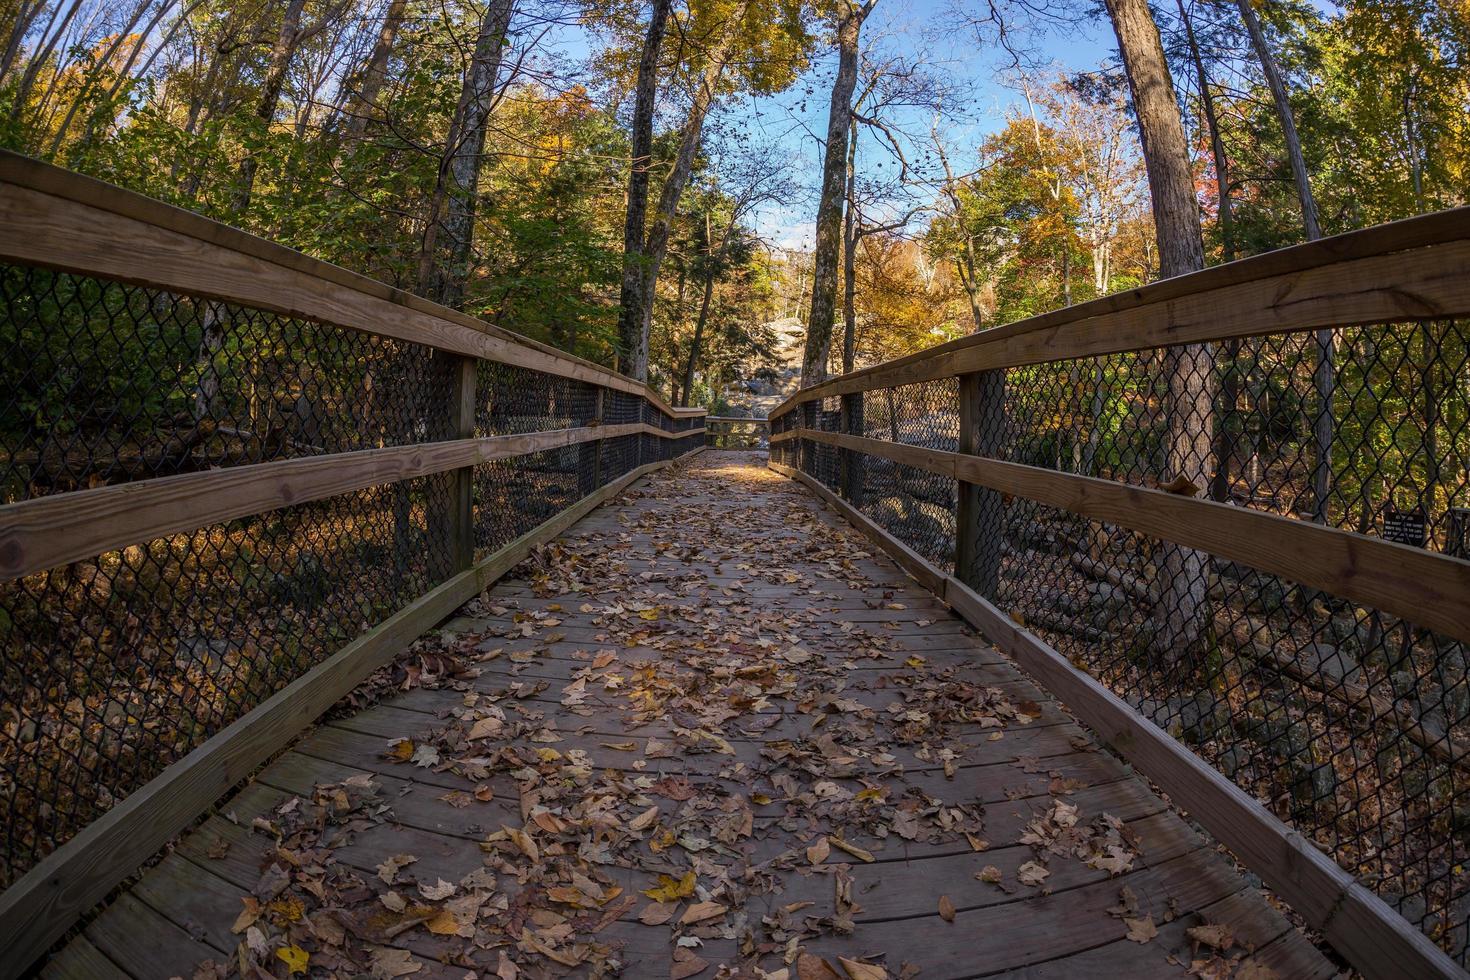 chemin de promenade en bois dans une forêt photo